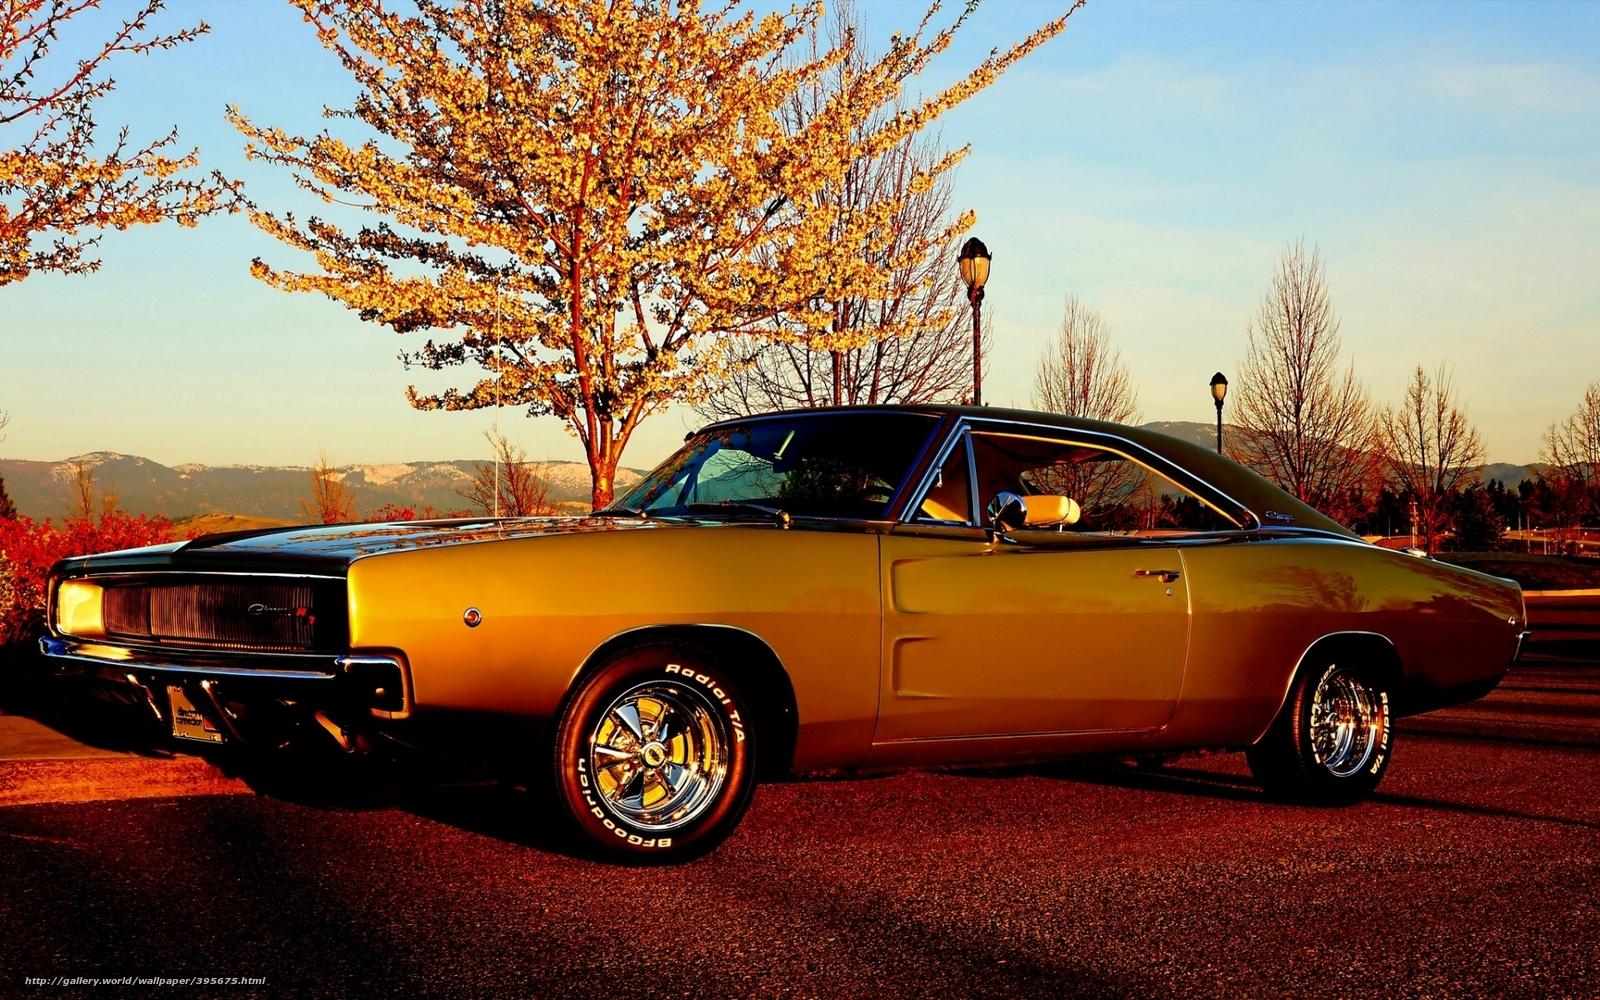 http://st.gdefon.com/wallpapers_original/wallpapers/395675_dodzh_chardzher_peredok_muskul_1920x1200_(www.GdeFon.ru).jpg Muscle Cars Wallpapers High Resolution